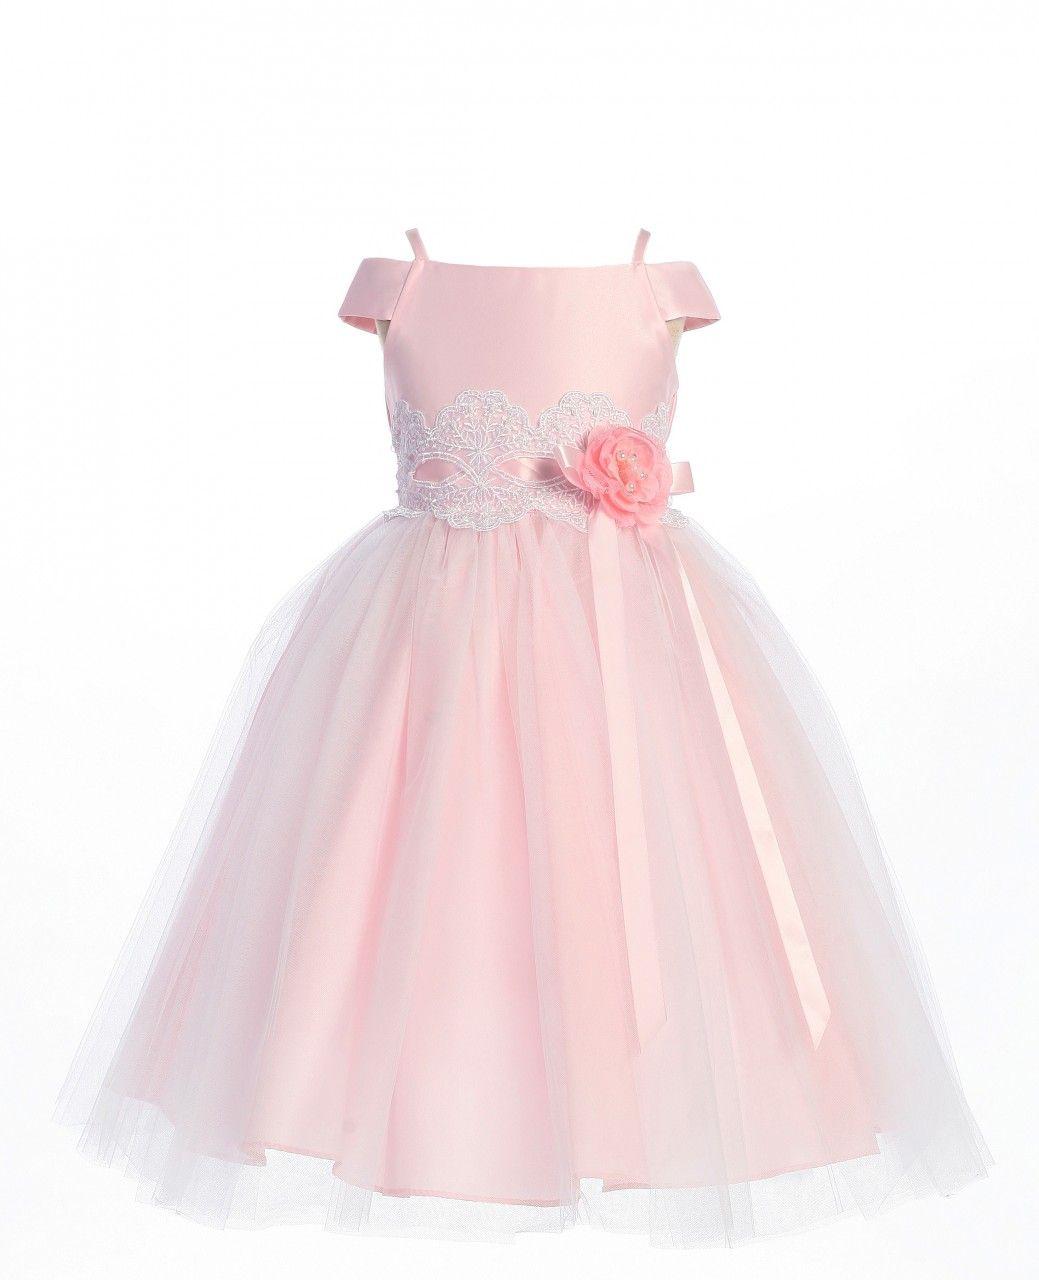 Flower girl dress freya pink flower girl dress exquisite flower flower girl dress freya pink flower girl dress exquisite flower girl dress with a satin ombrellifo Choice Image